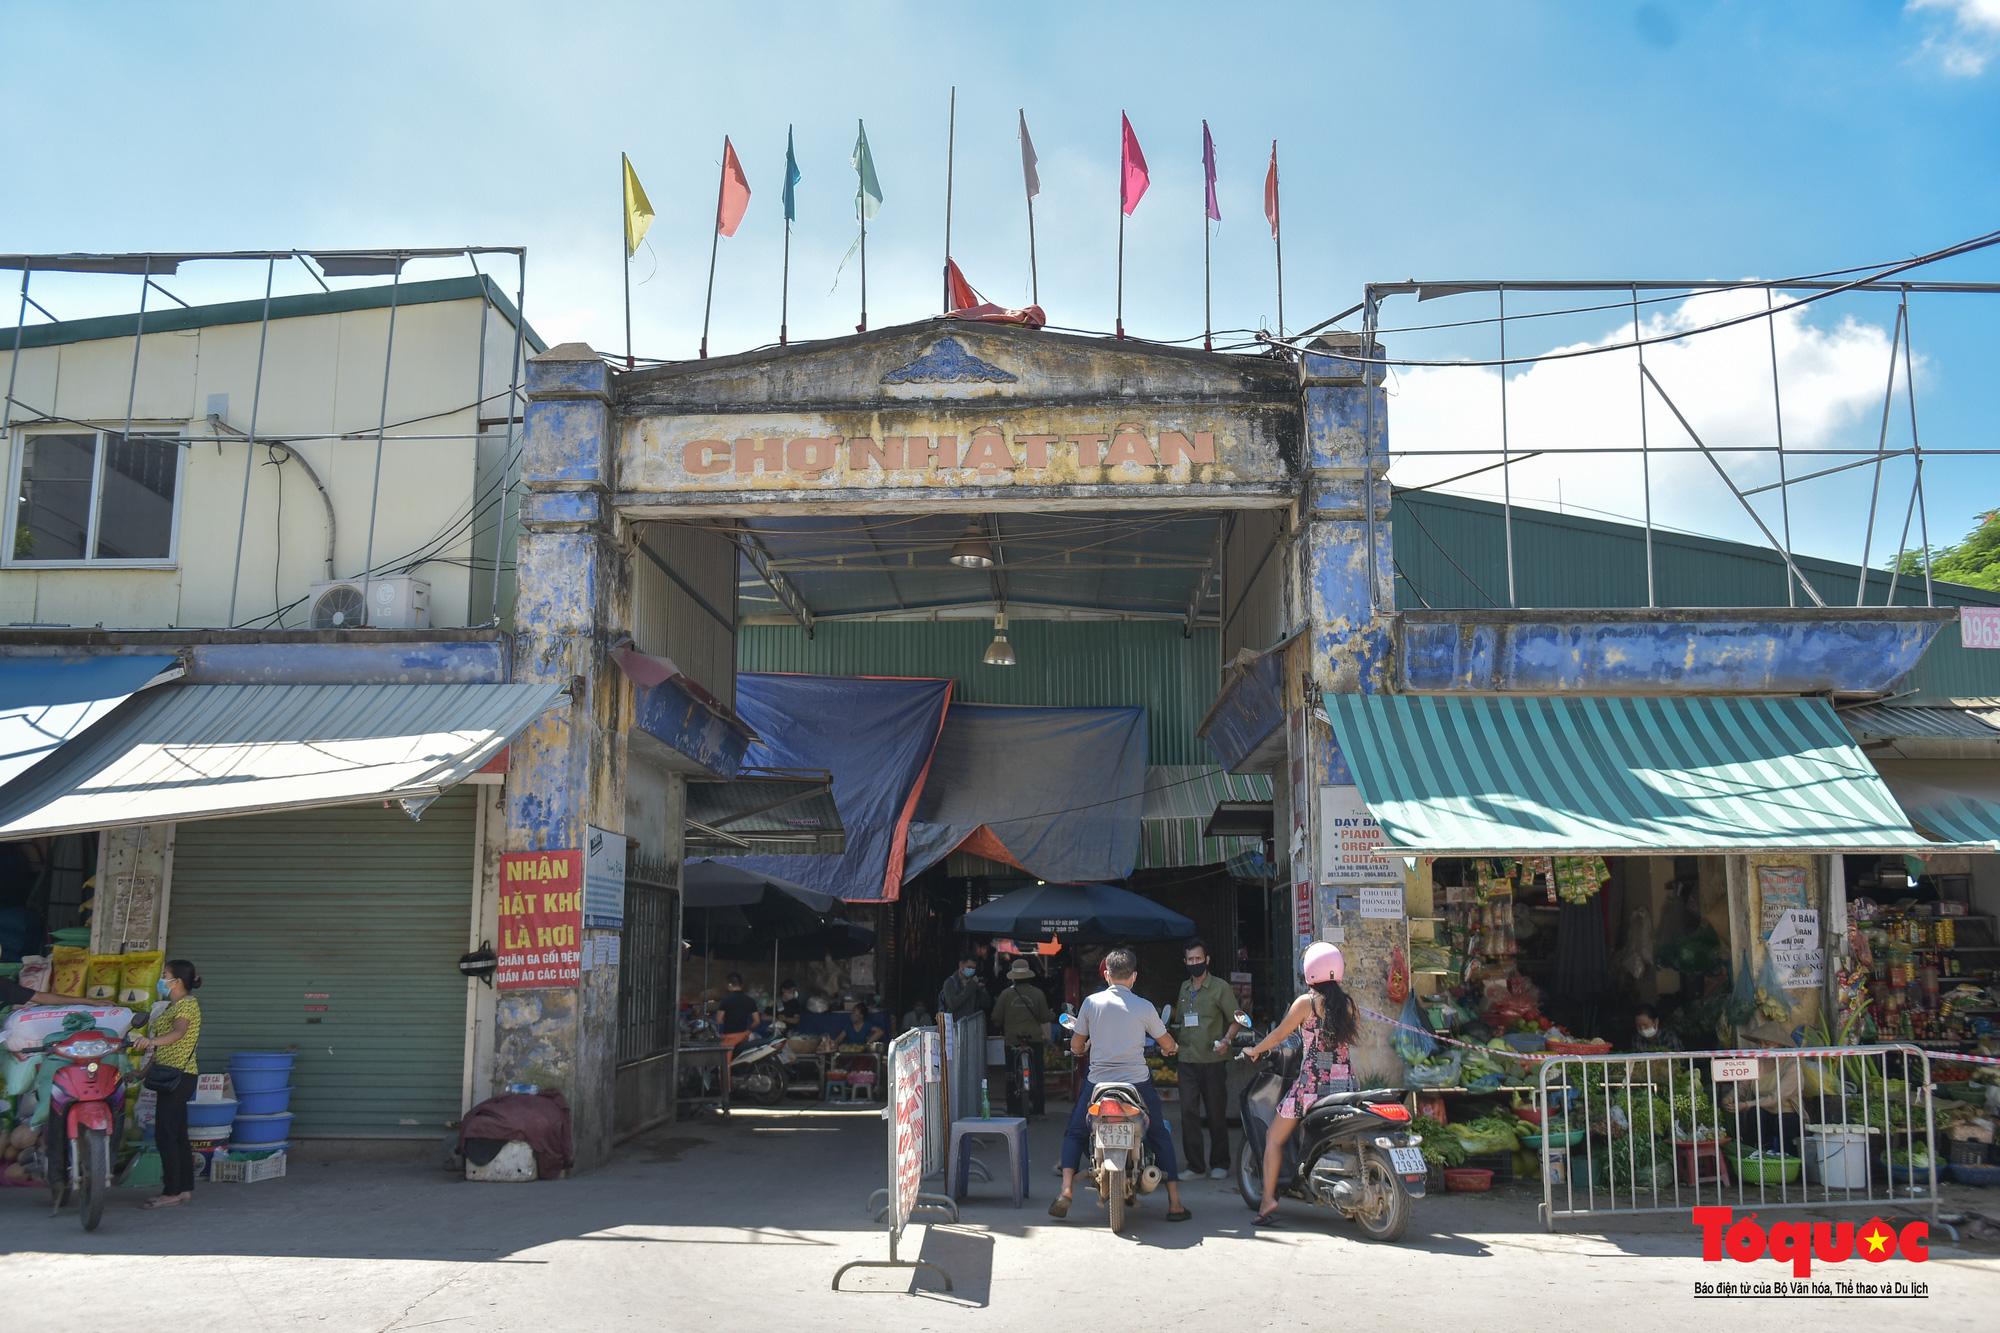 Hà Nội: Muôn kiểu đi chợ trong thời giãn cách xã hội ở thủ đô - Ảnh 13.